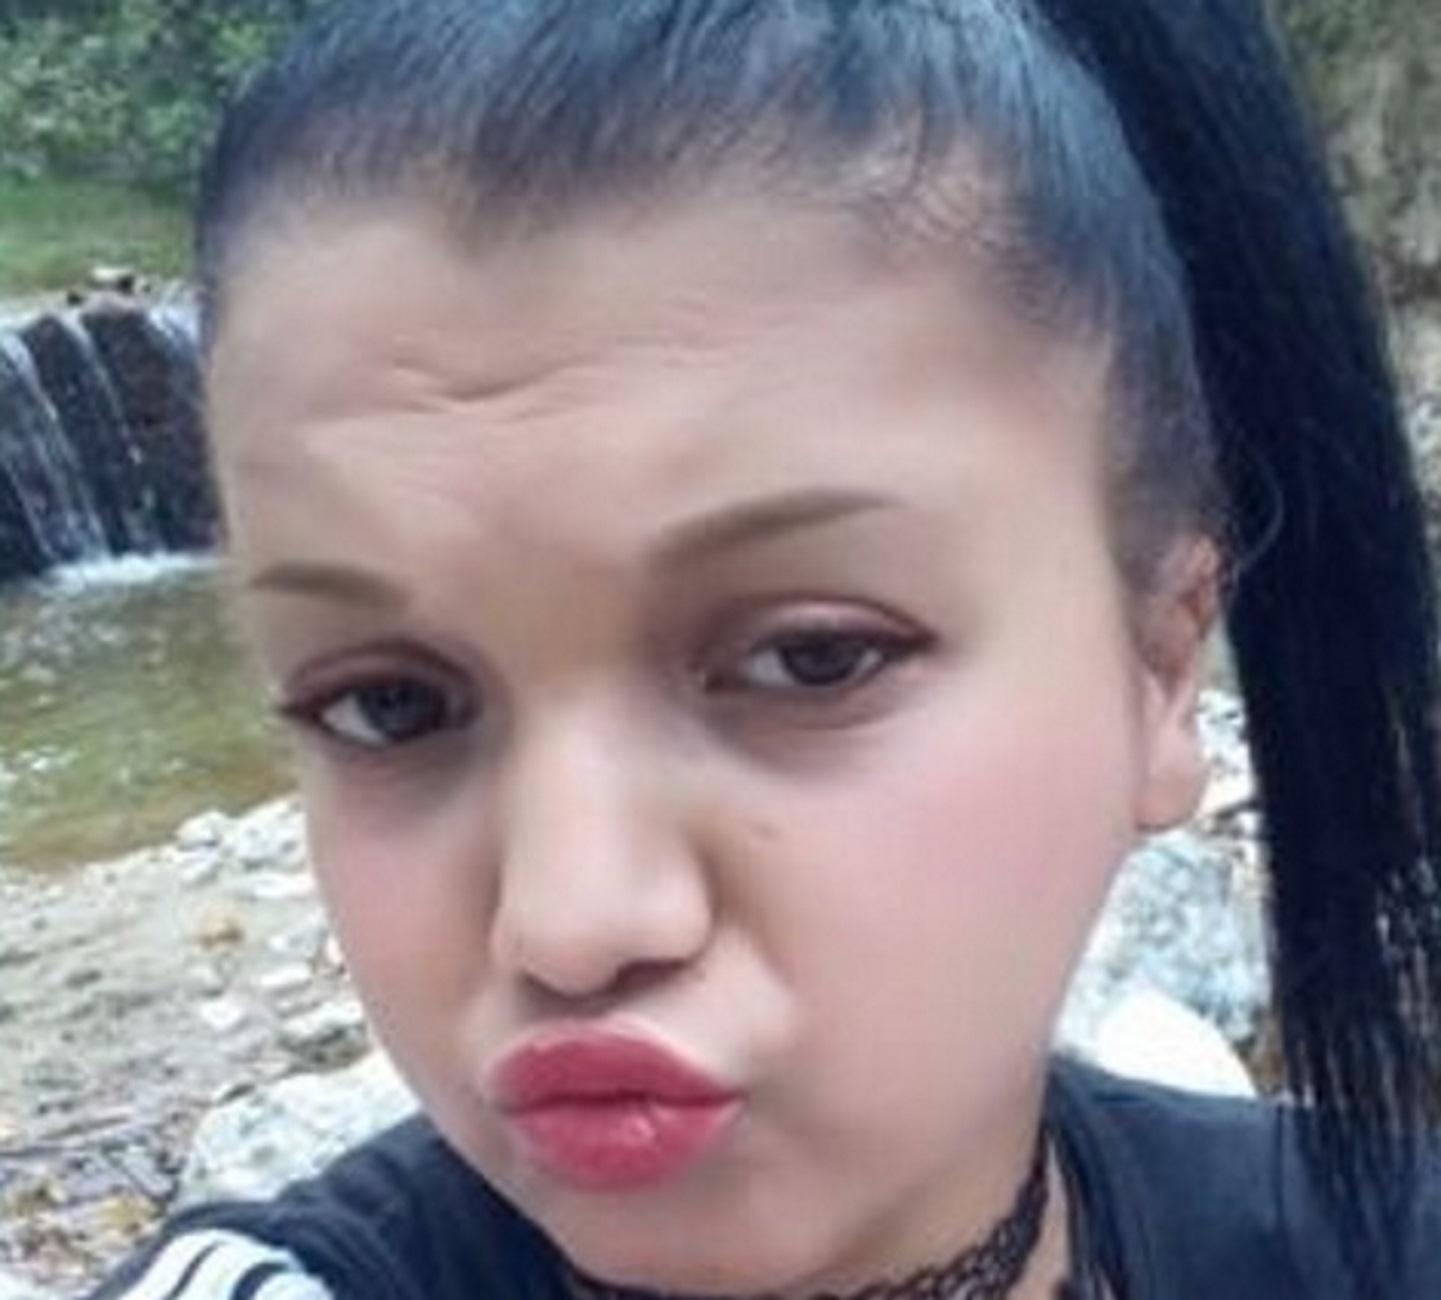 Σέρρες: Εξαφάνιση μυστήριο για το κορίτσι με τα τατουάζ – Λιώνουν από αγωνία οι γονείς της 16χρονης Αγάπης!